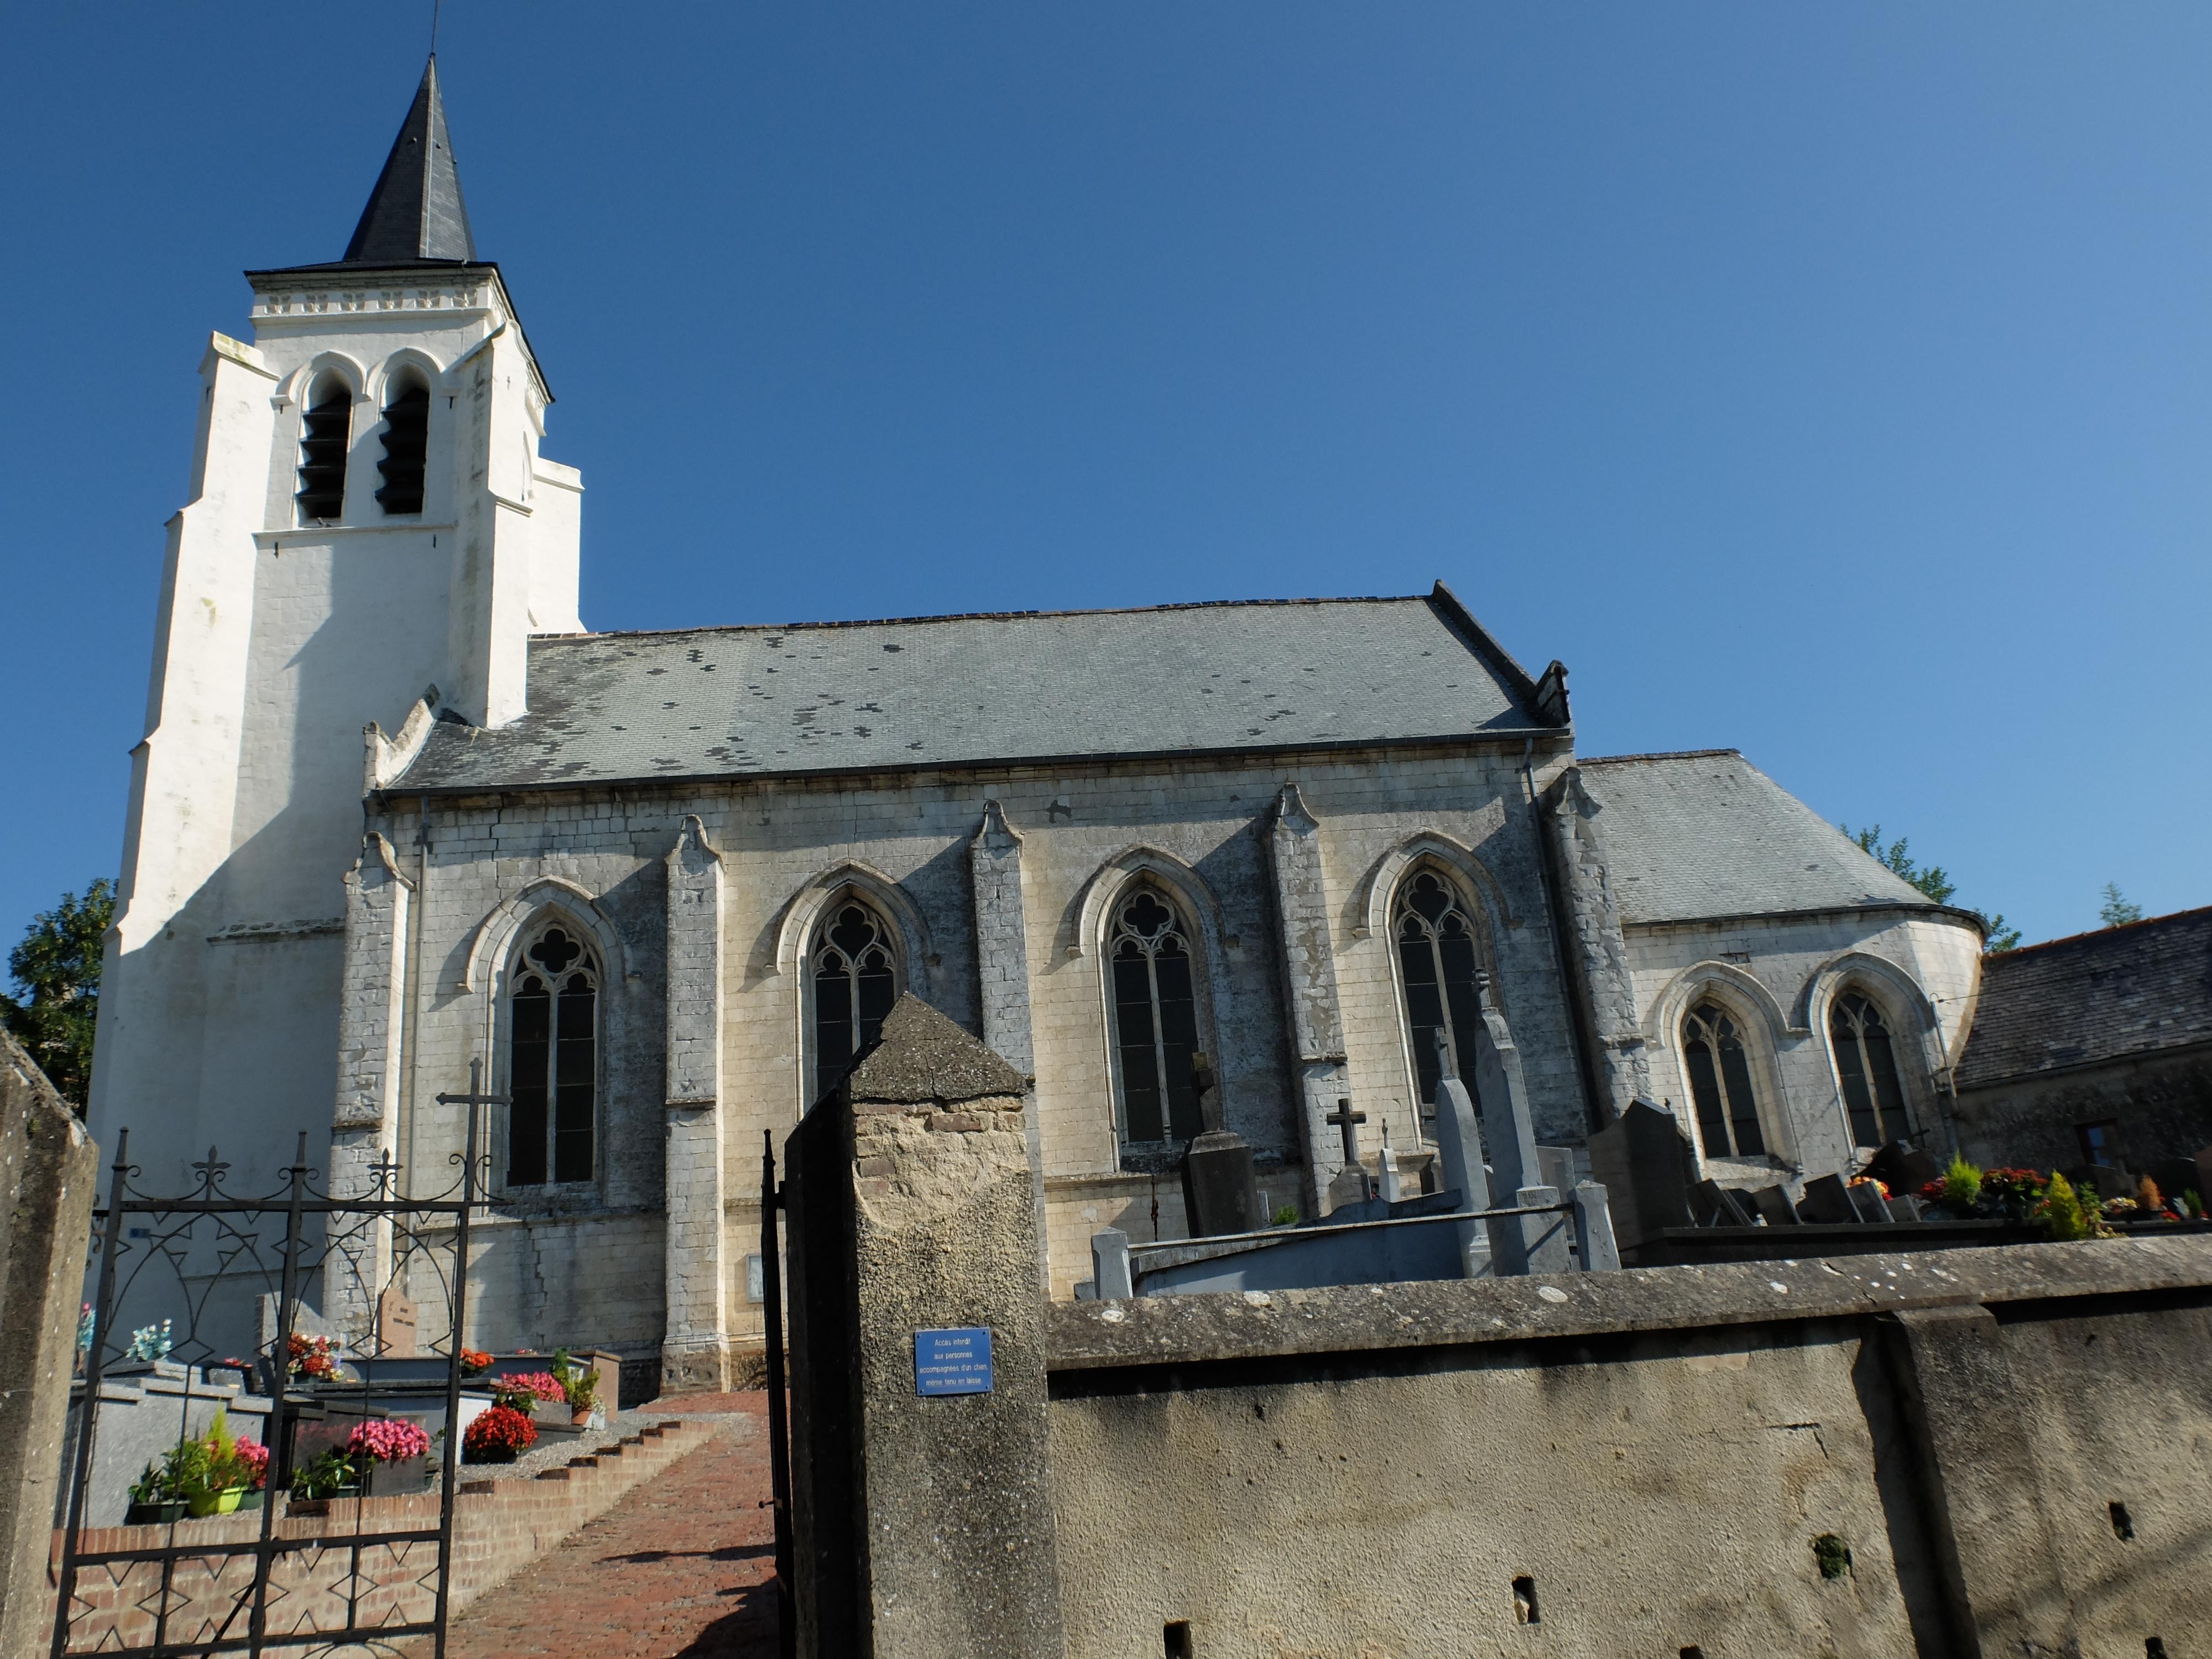 Contes (Nord-Passo di Calais)